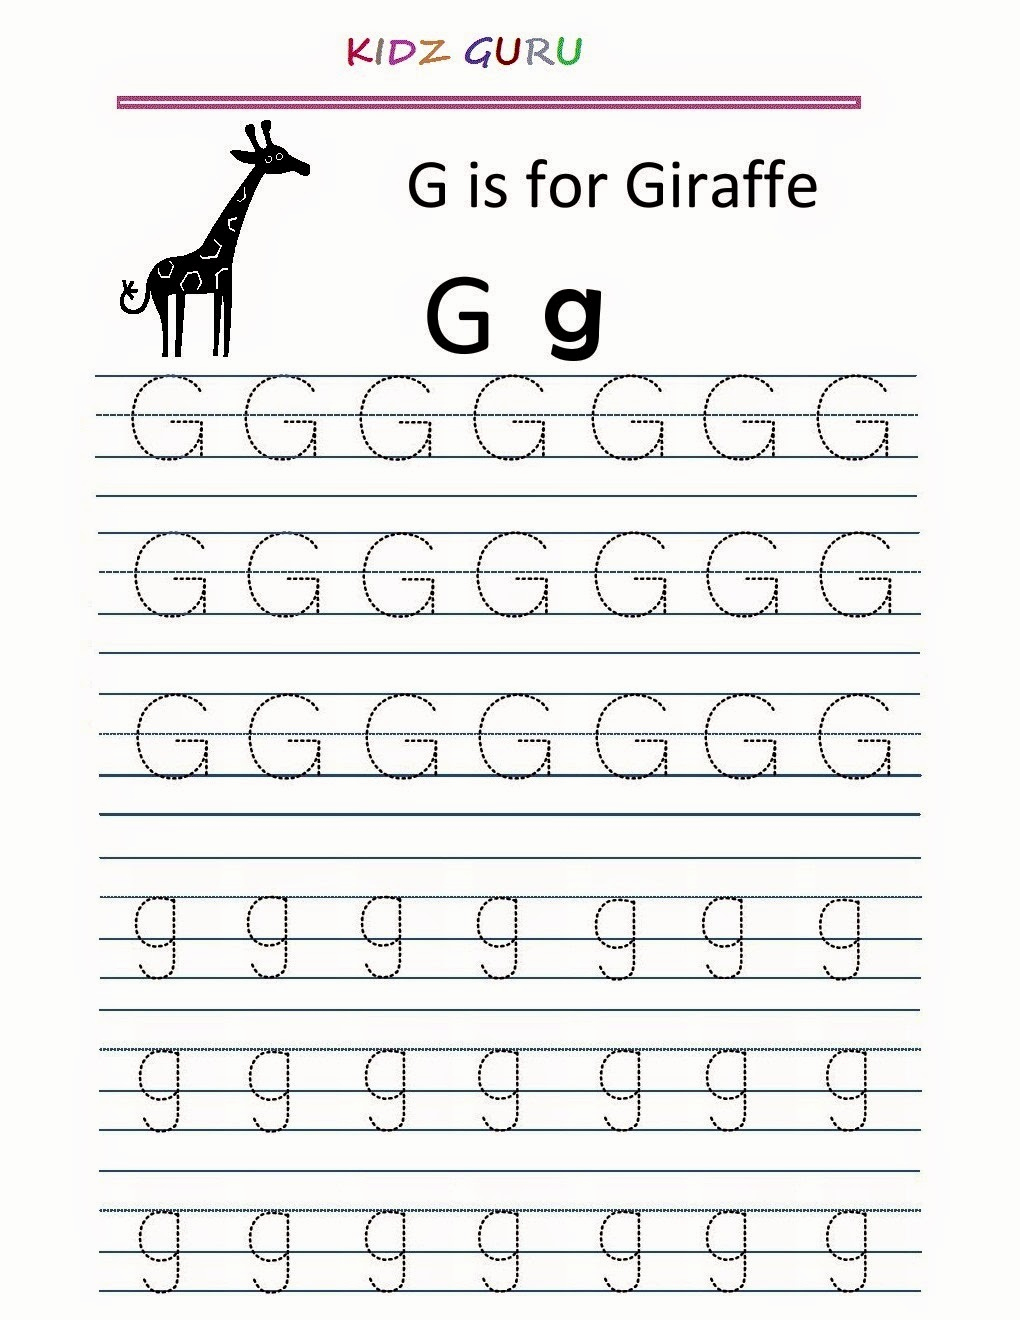 Letter G Worksheets for Kindergarten Fresh 15 Exciting Letter G Worksheets for Kids